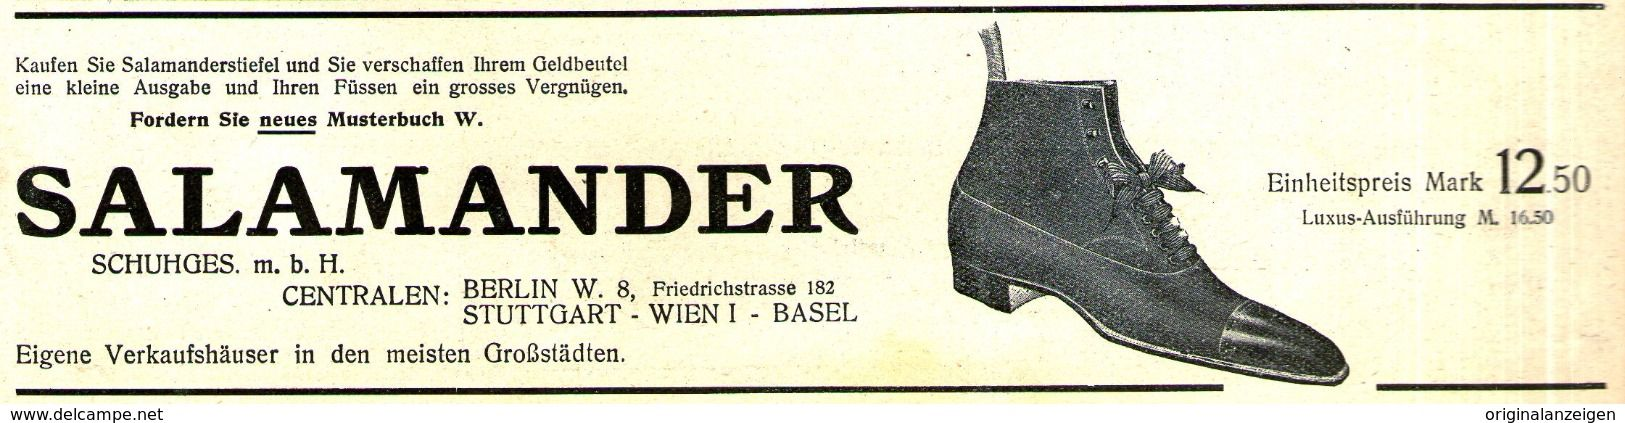 435e433a222b13 Werbung - Original-Werbung  Anzeige 1908 - SALAMANDER - SCHUHE - ca. 180